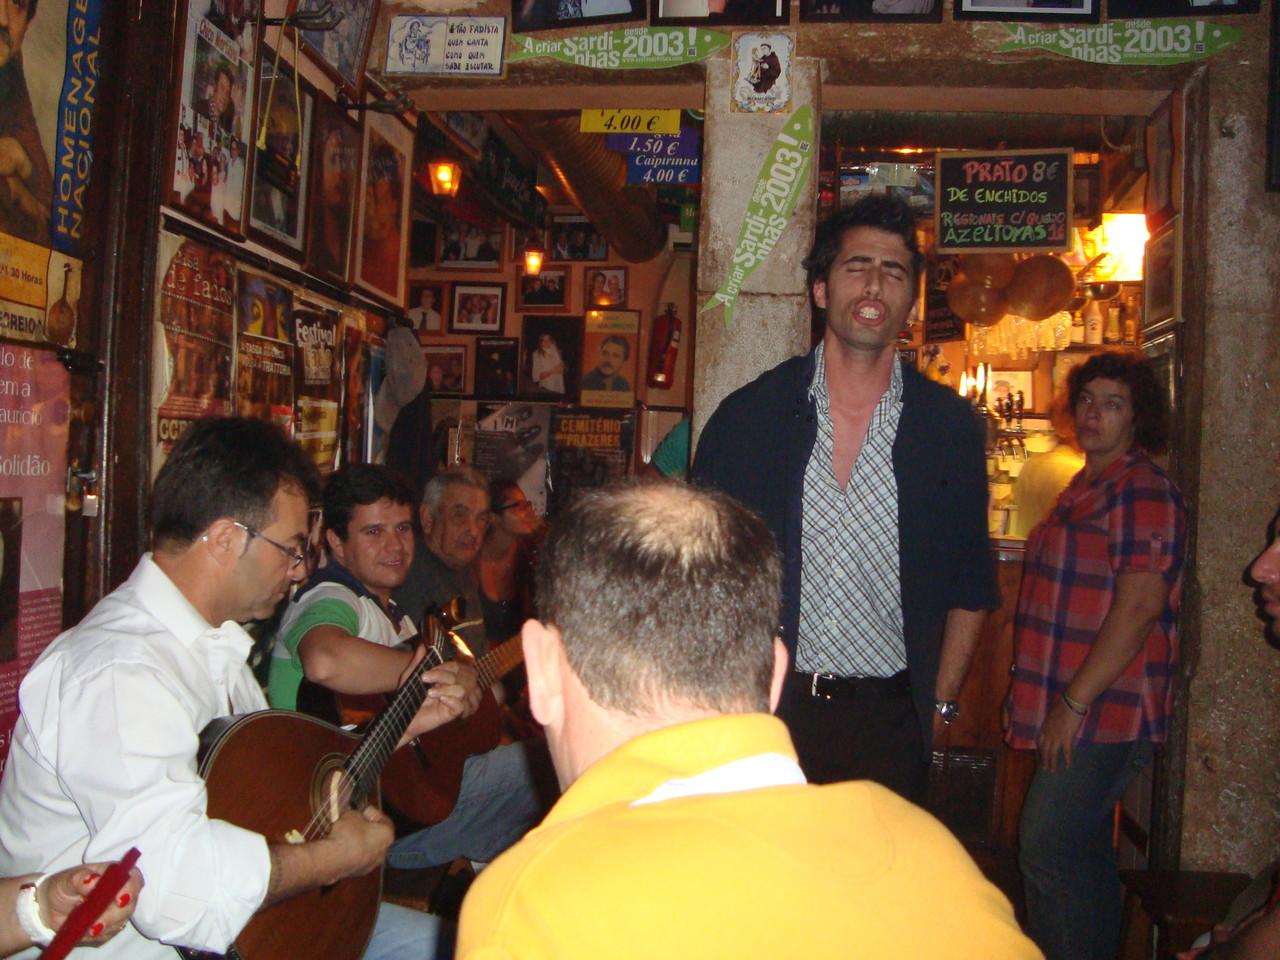 タシュカドゥシコでこの日デビューしたポルトガル人男性!左のポルトガルギターさんにはいつも良くしていただいていました♪